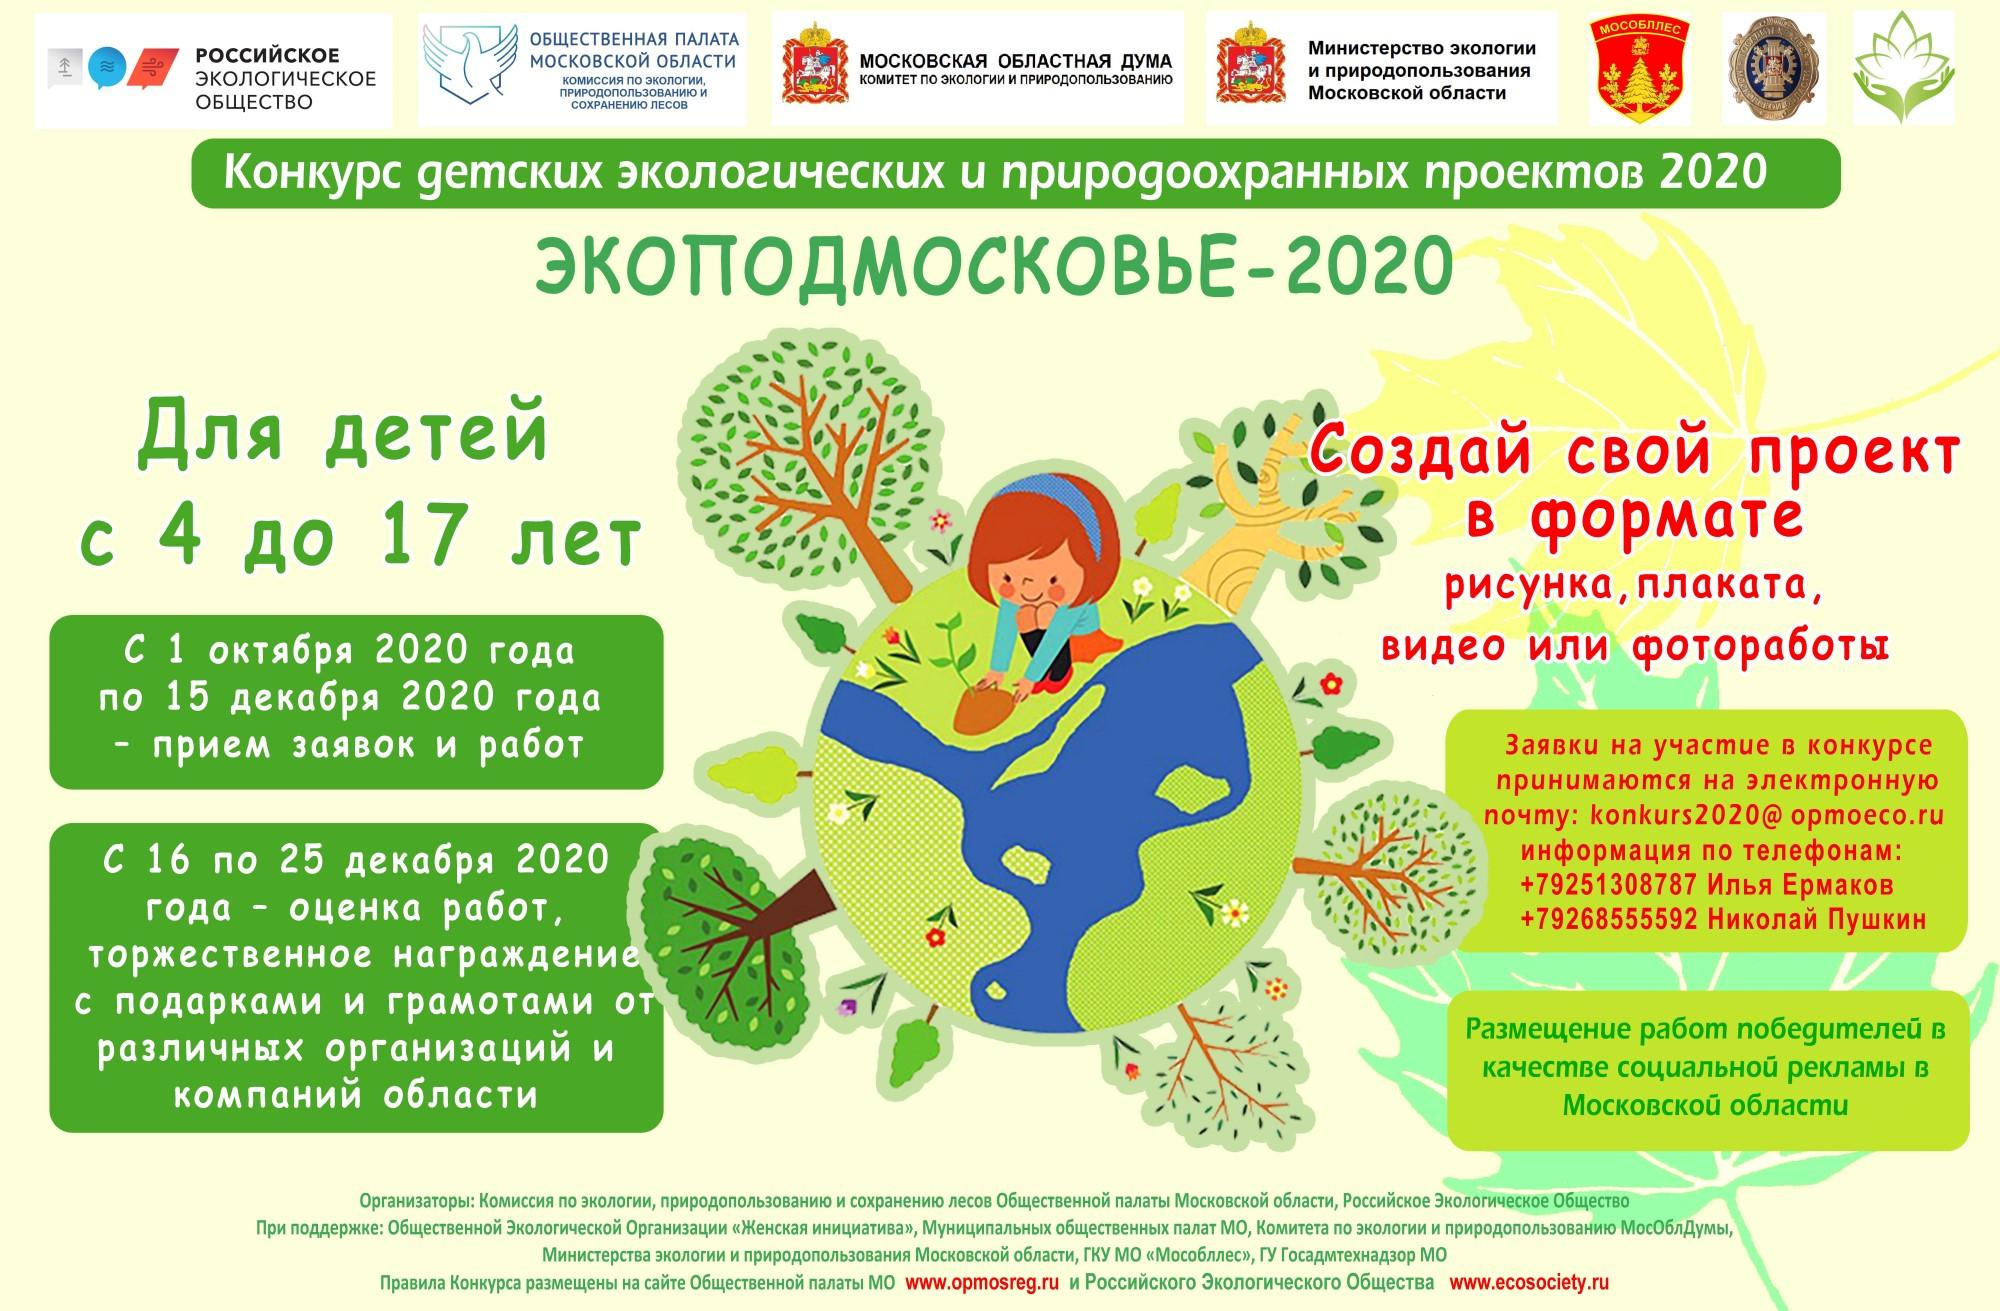 Конкурс «ЭКОПОДМОСКОВЬЕ-2020»